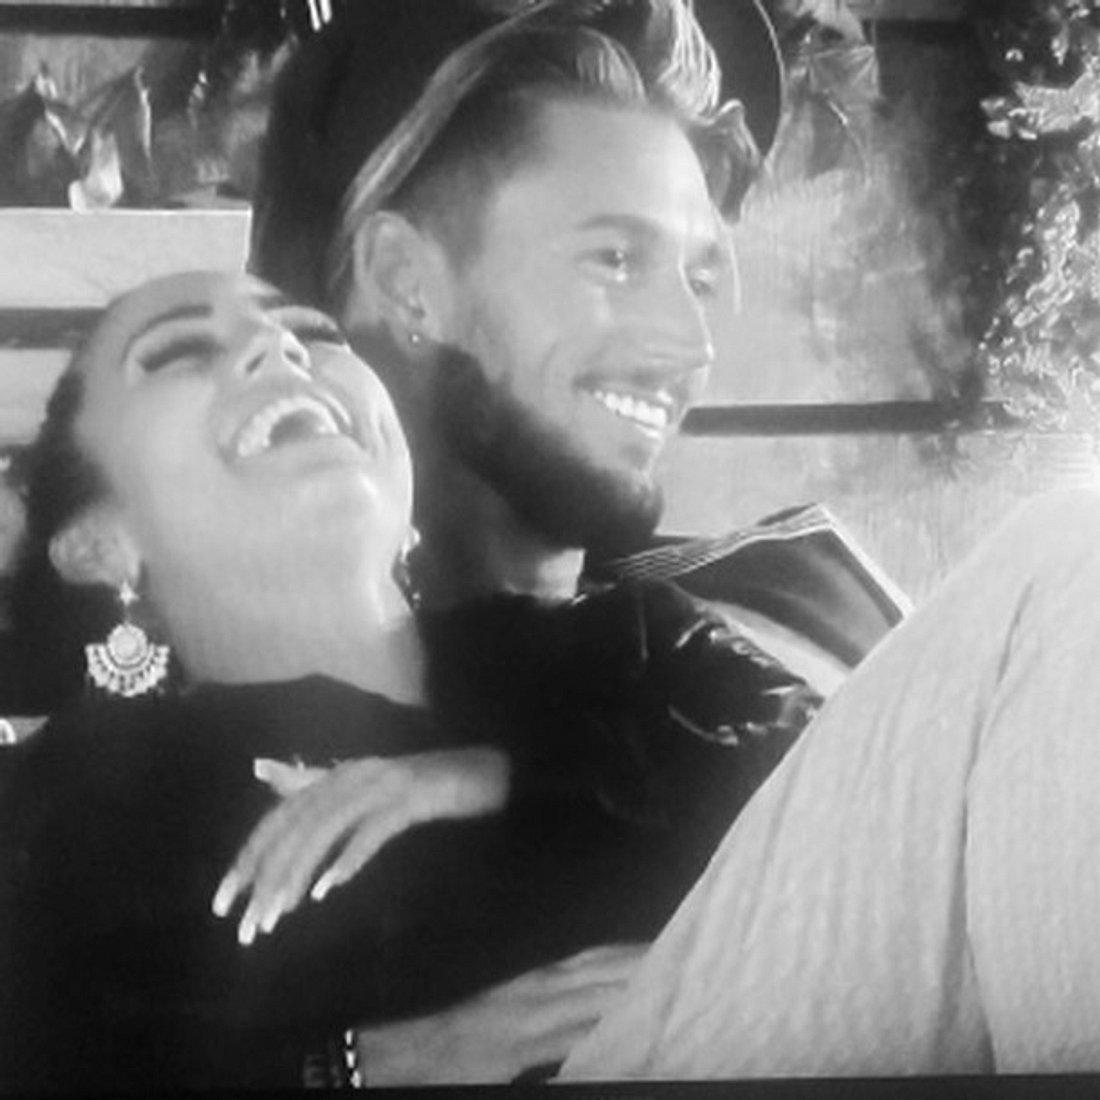 'Love Island'-Sensation: Jetzt sind Elena und Mike ein Paar!